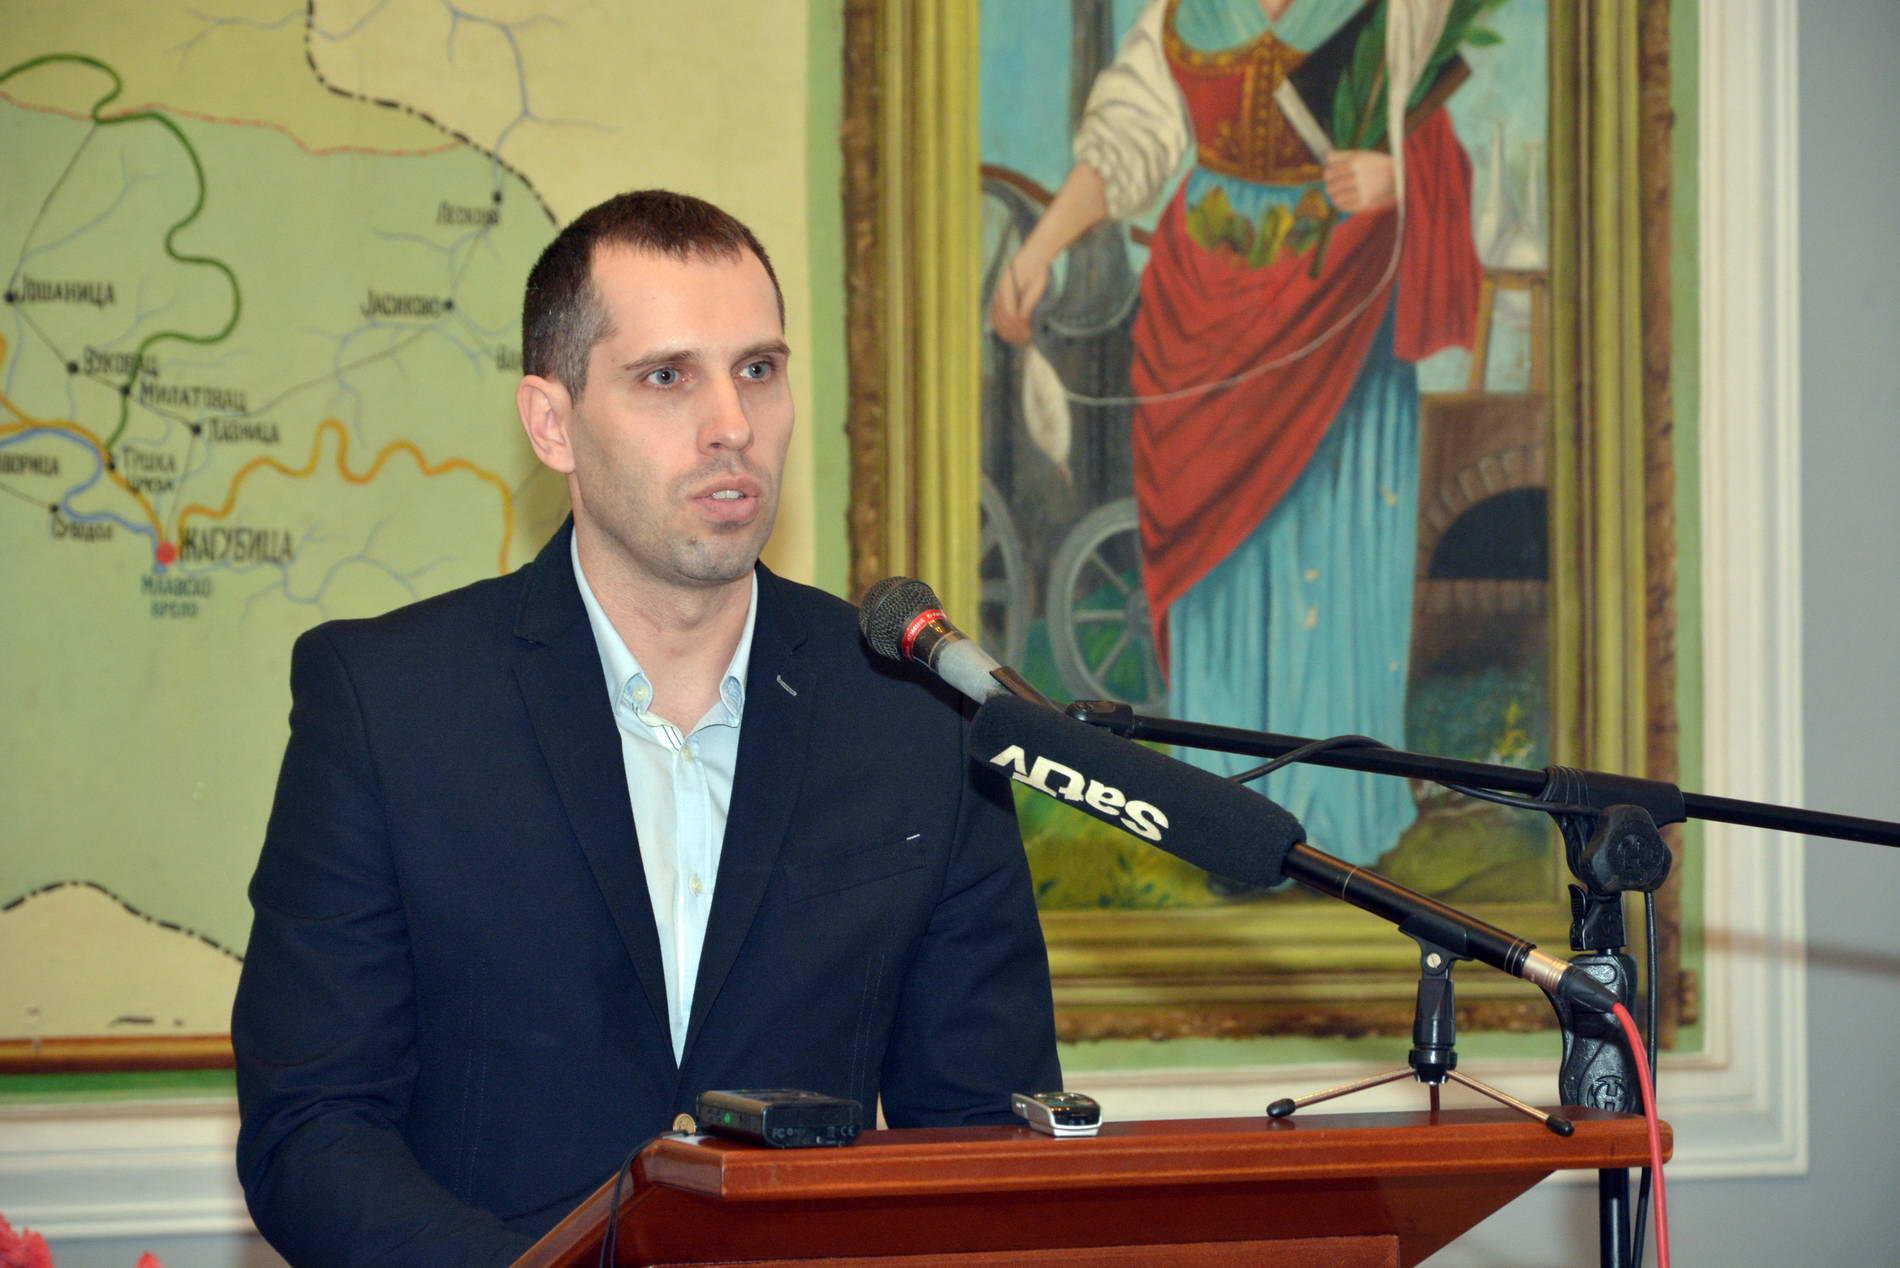 Саша Радић, председник Удружења Словенаца